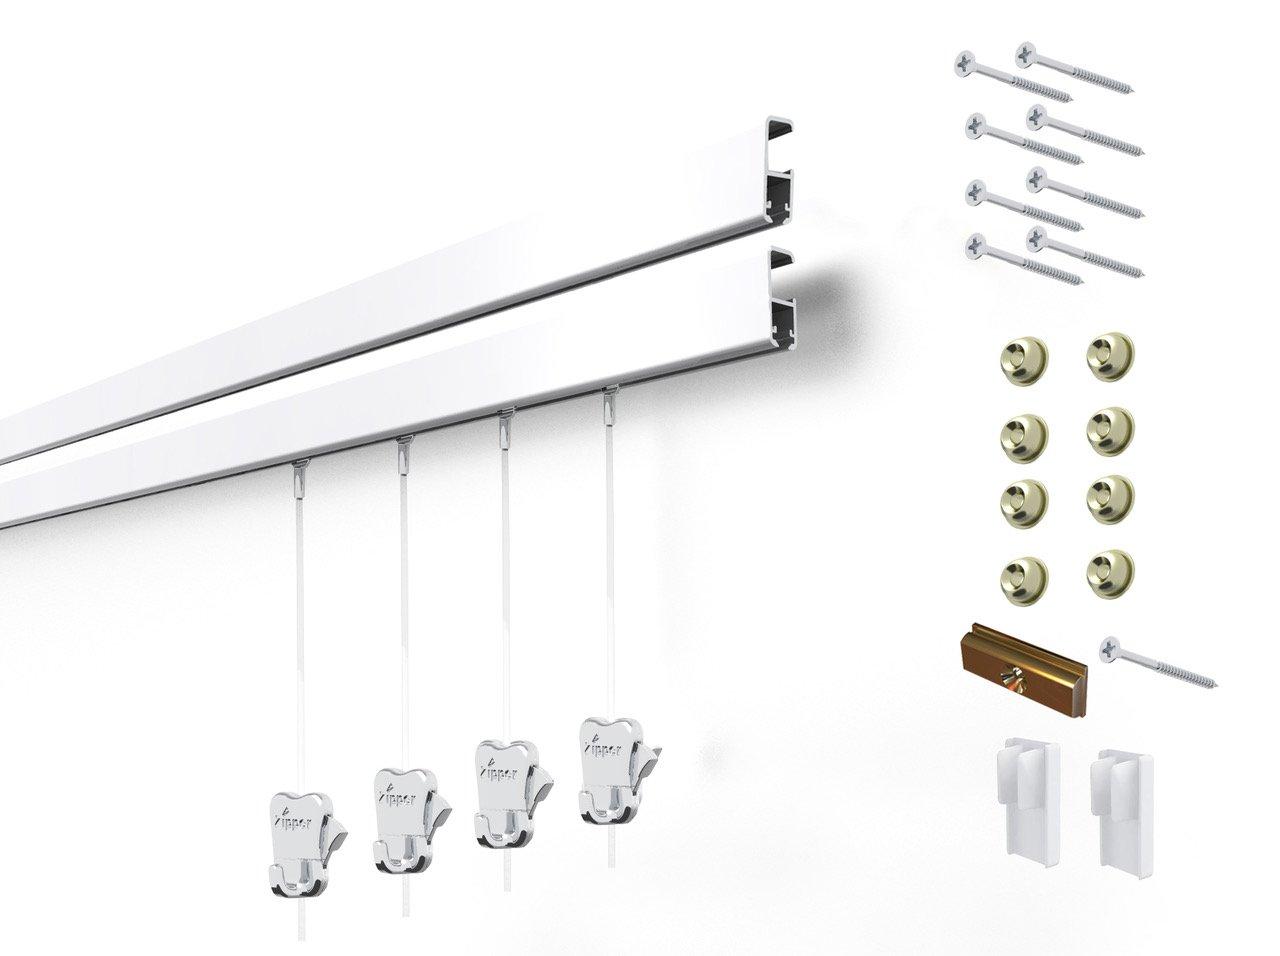 Amazon.com: STAS Cliprail Pro kit completo de sistema de ...